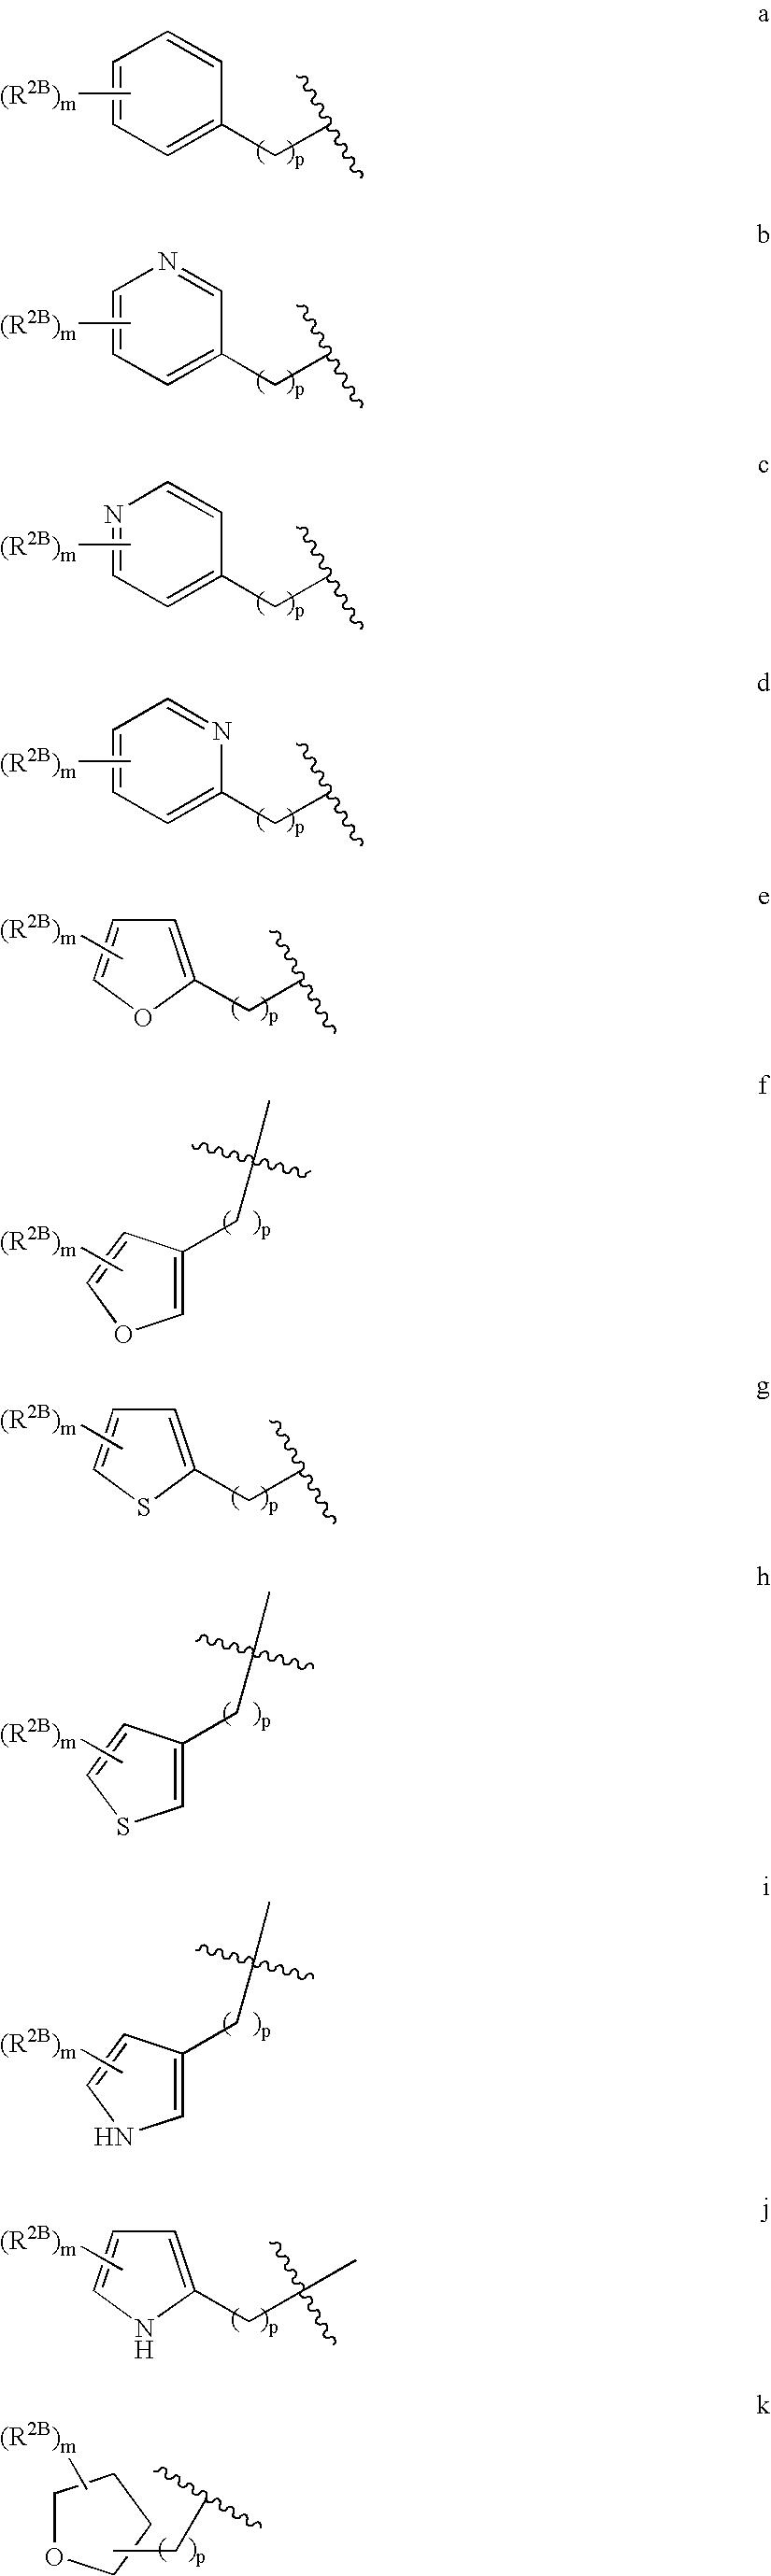 Figure US20040072849A1-20040415-C00167